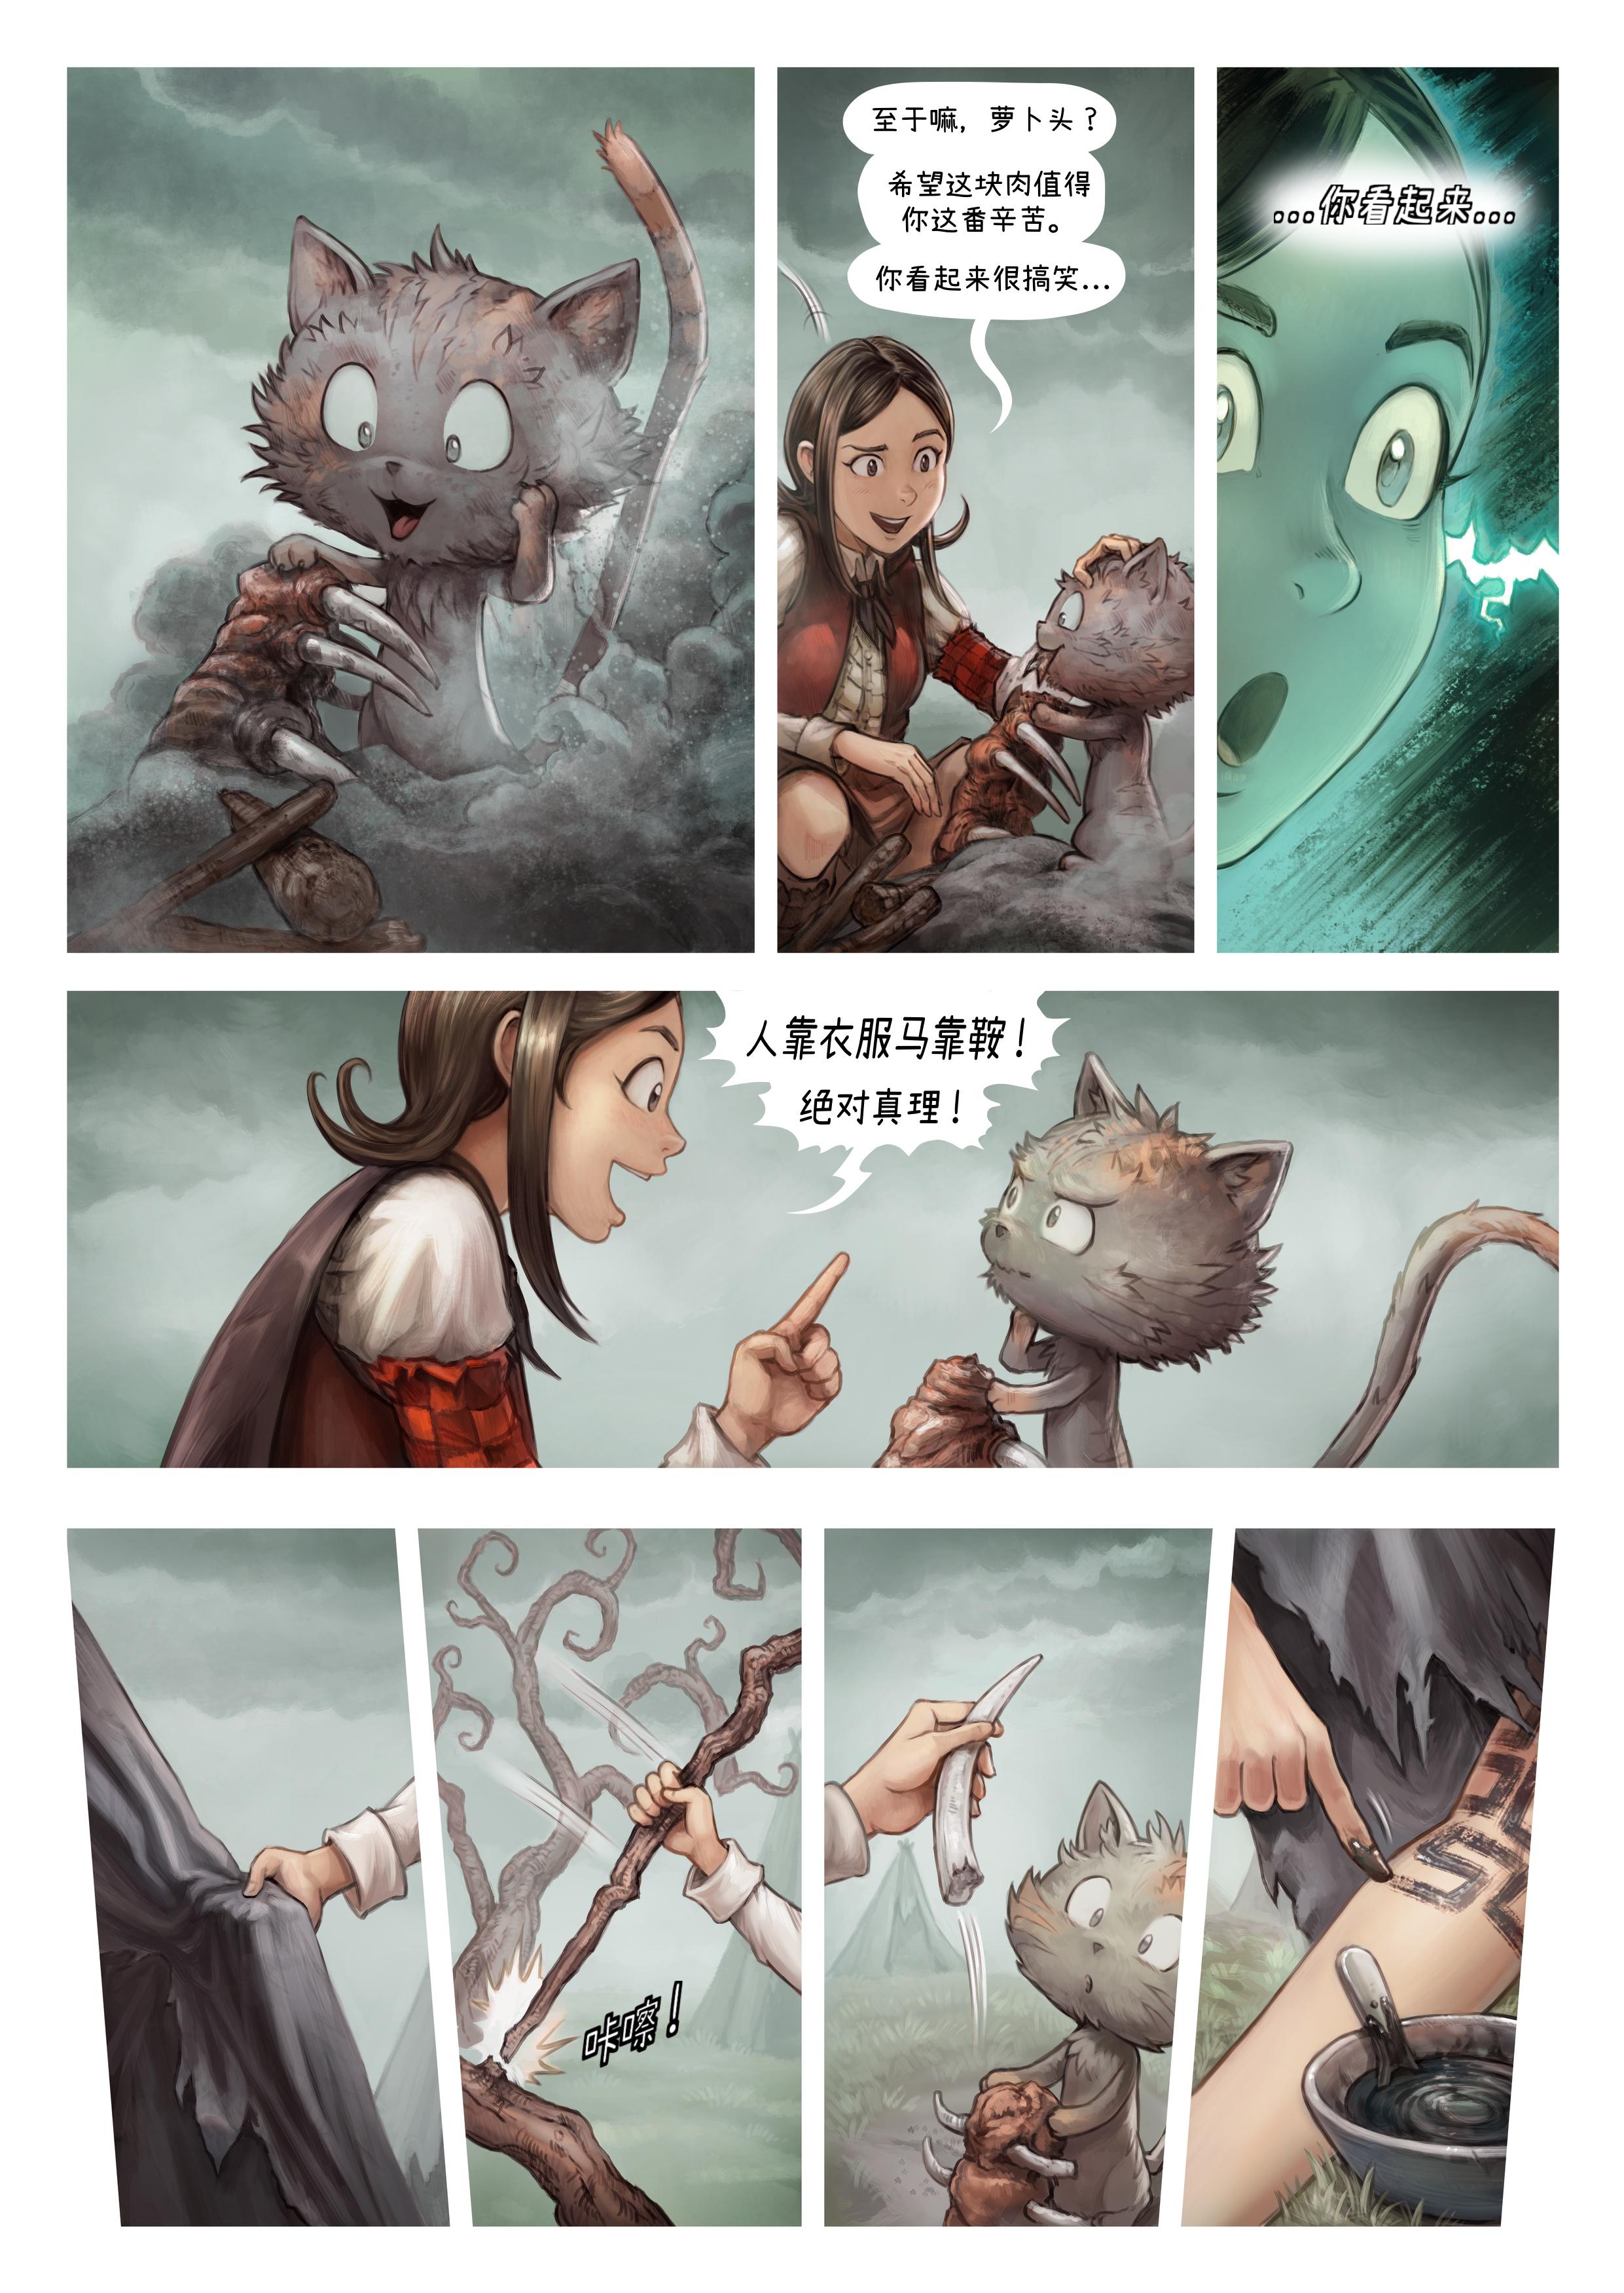 第32集:战场, Page 5